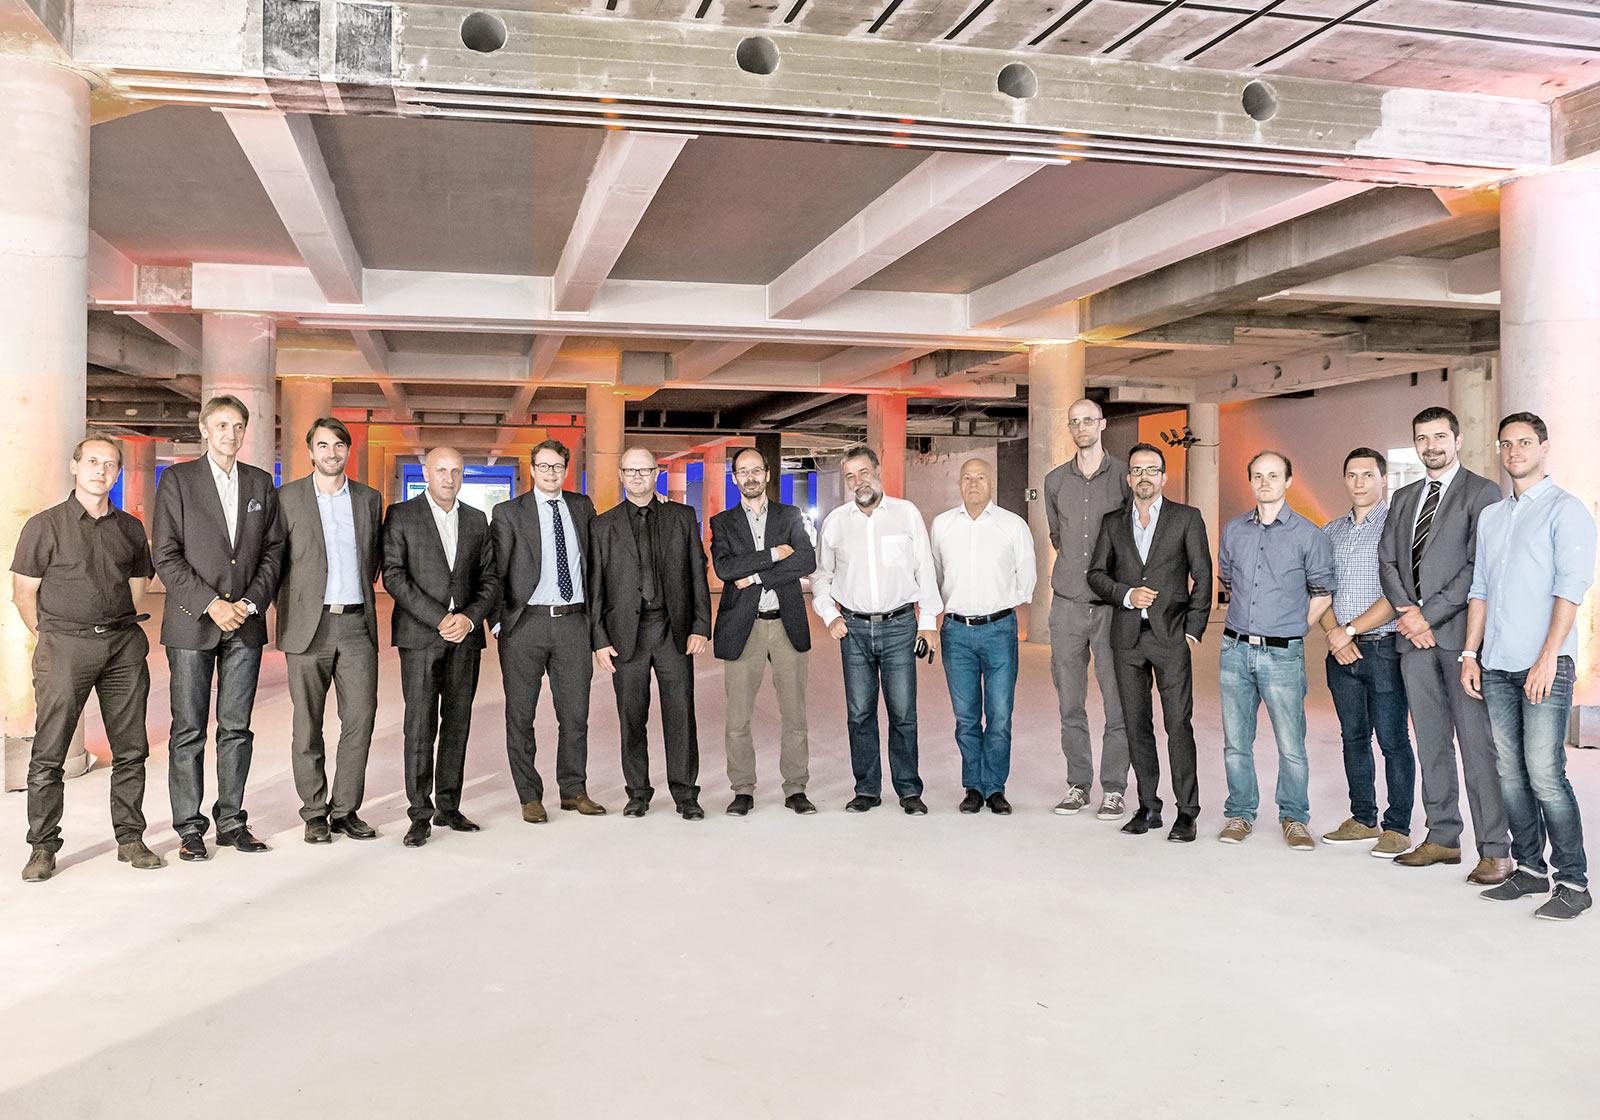 Bauherren und ATP-Mitarbeiter bei der Baustellenfeier. Foto: Oskar Stemel